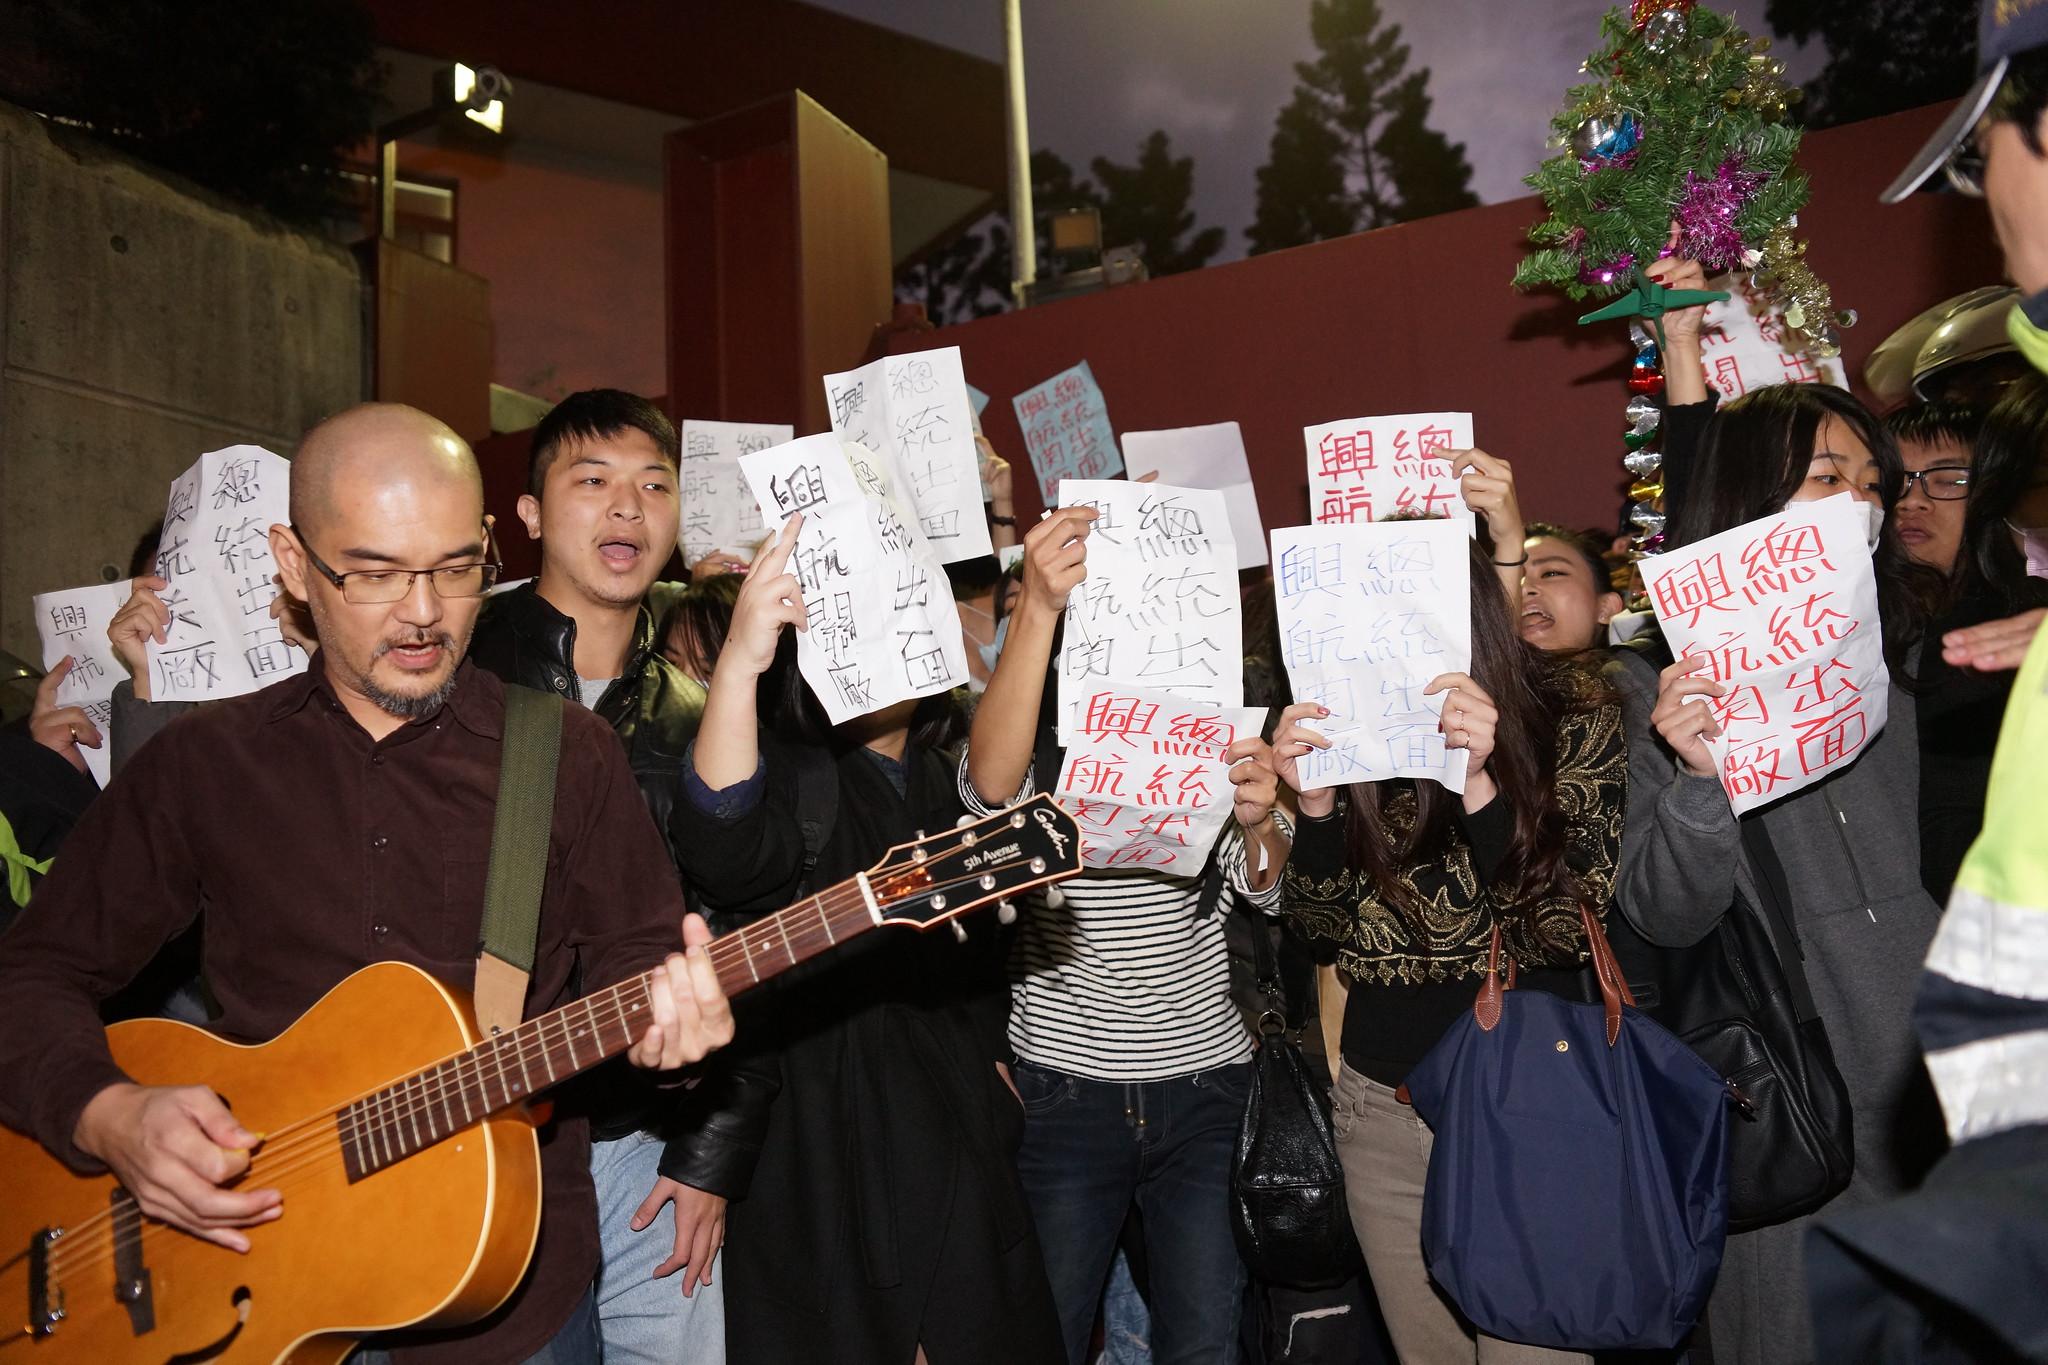 興航關廠工人在總統官邸前唱《平安夜》。(攝影:王顥中)